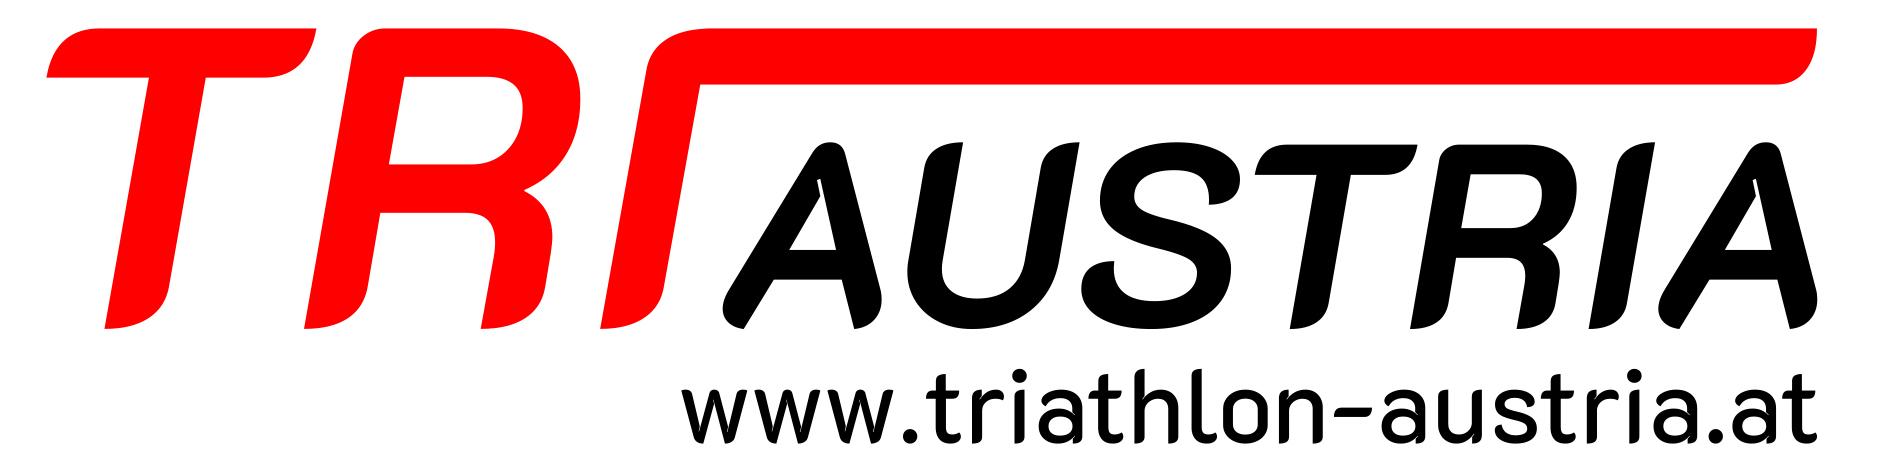 Austrian Triathlon Federation logo